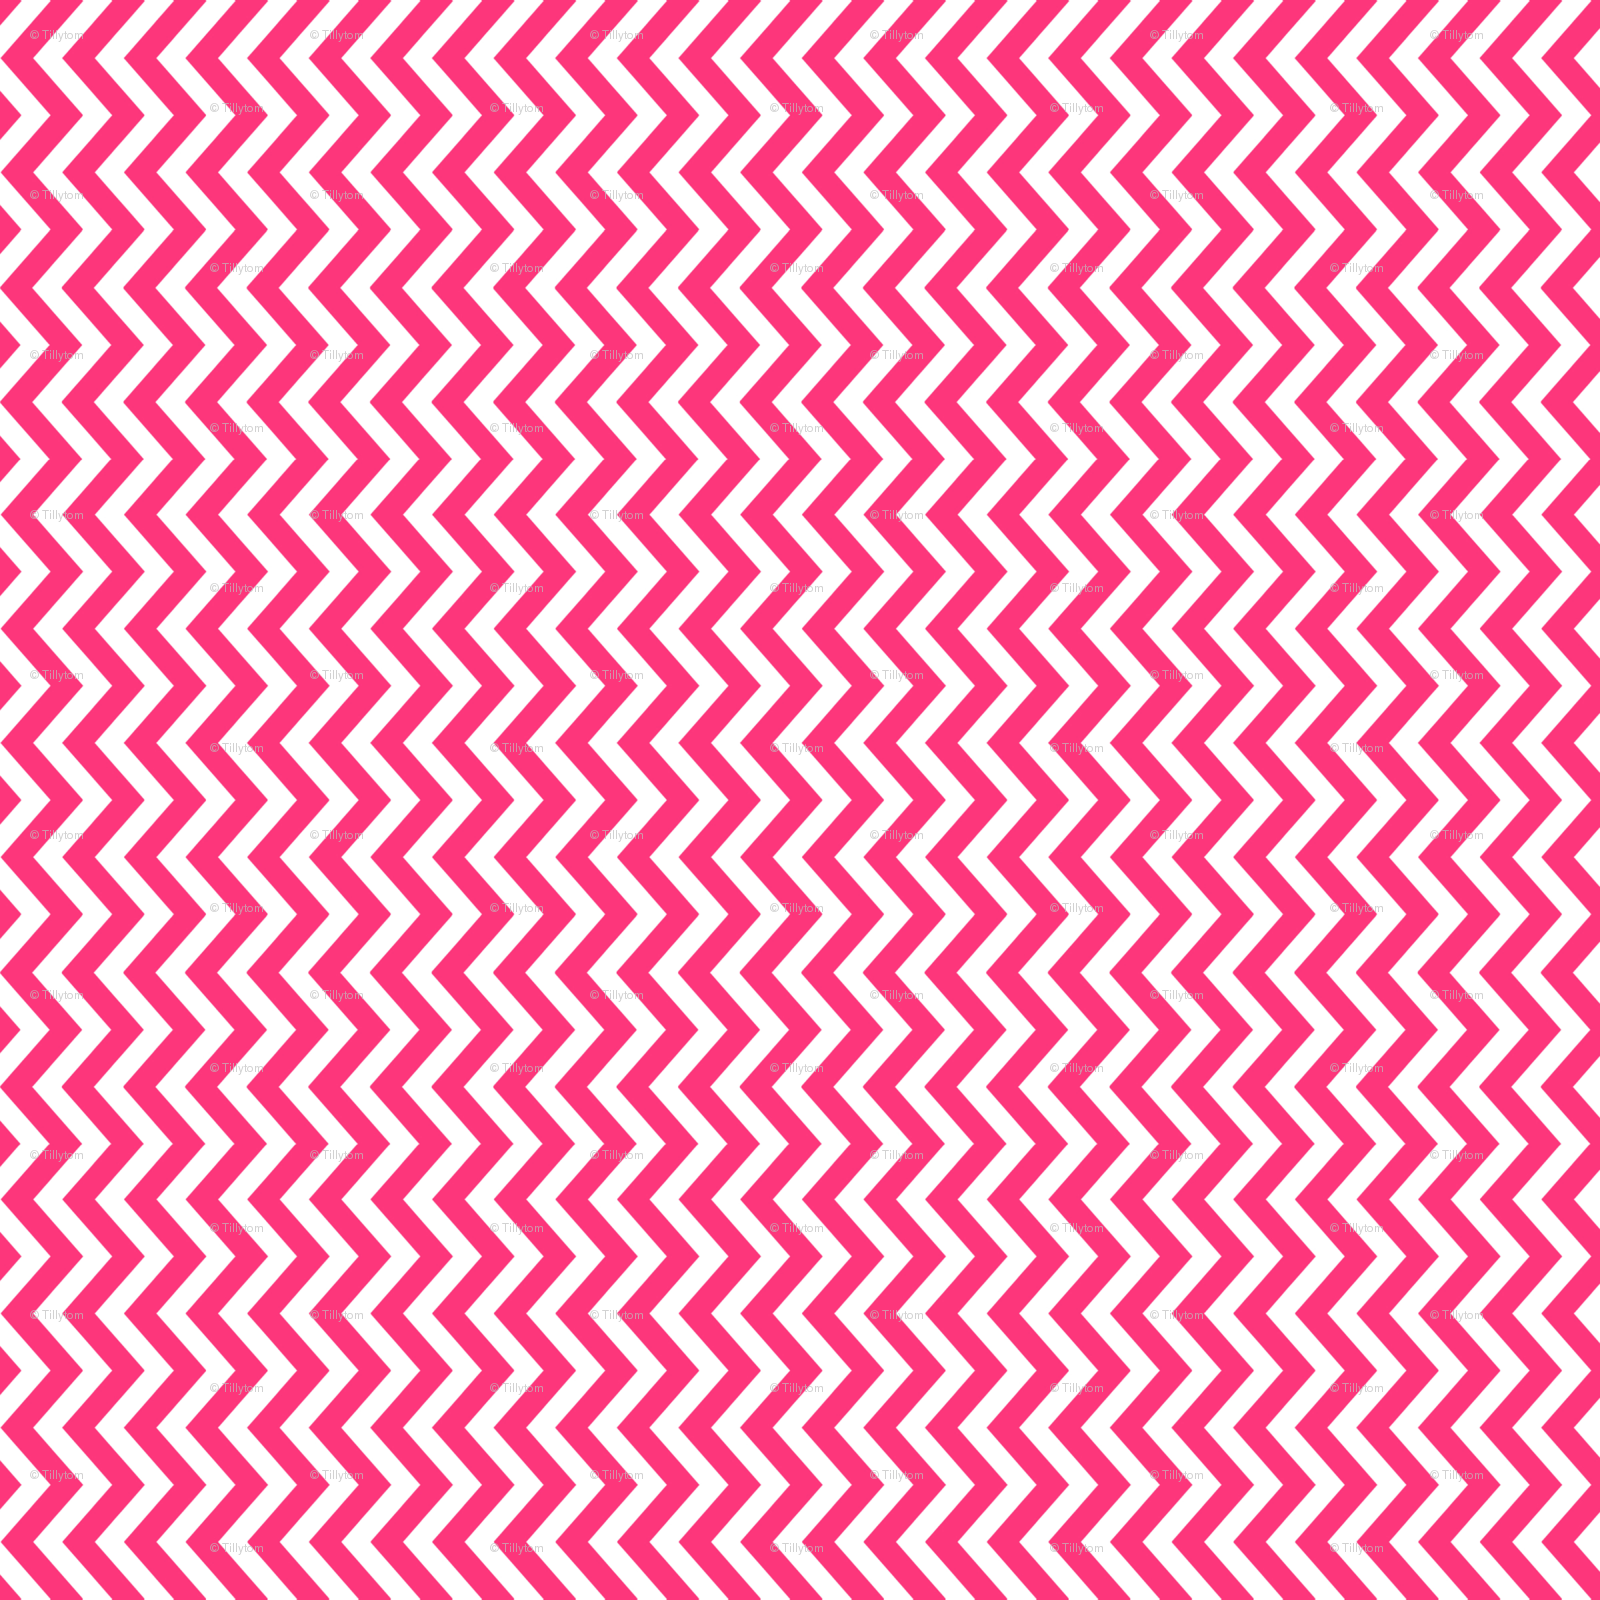 Pink Chevron W...